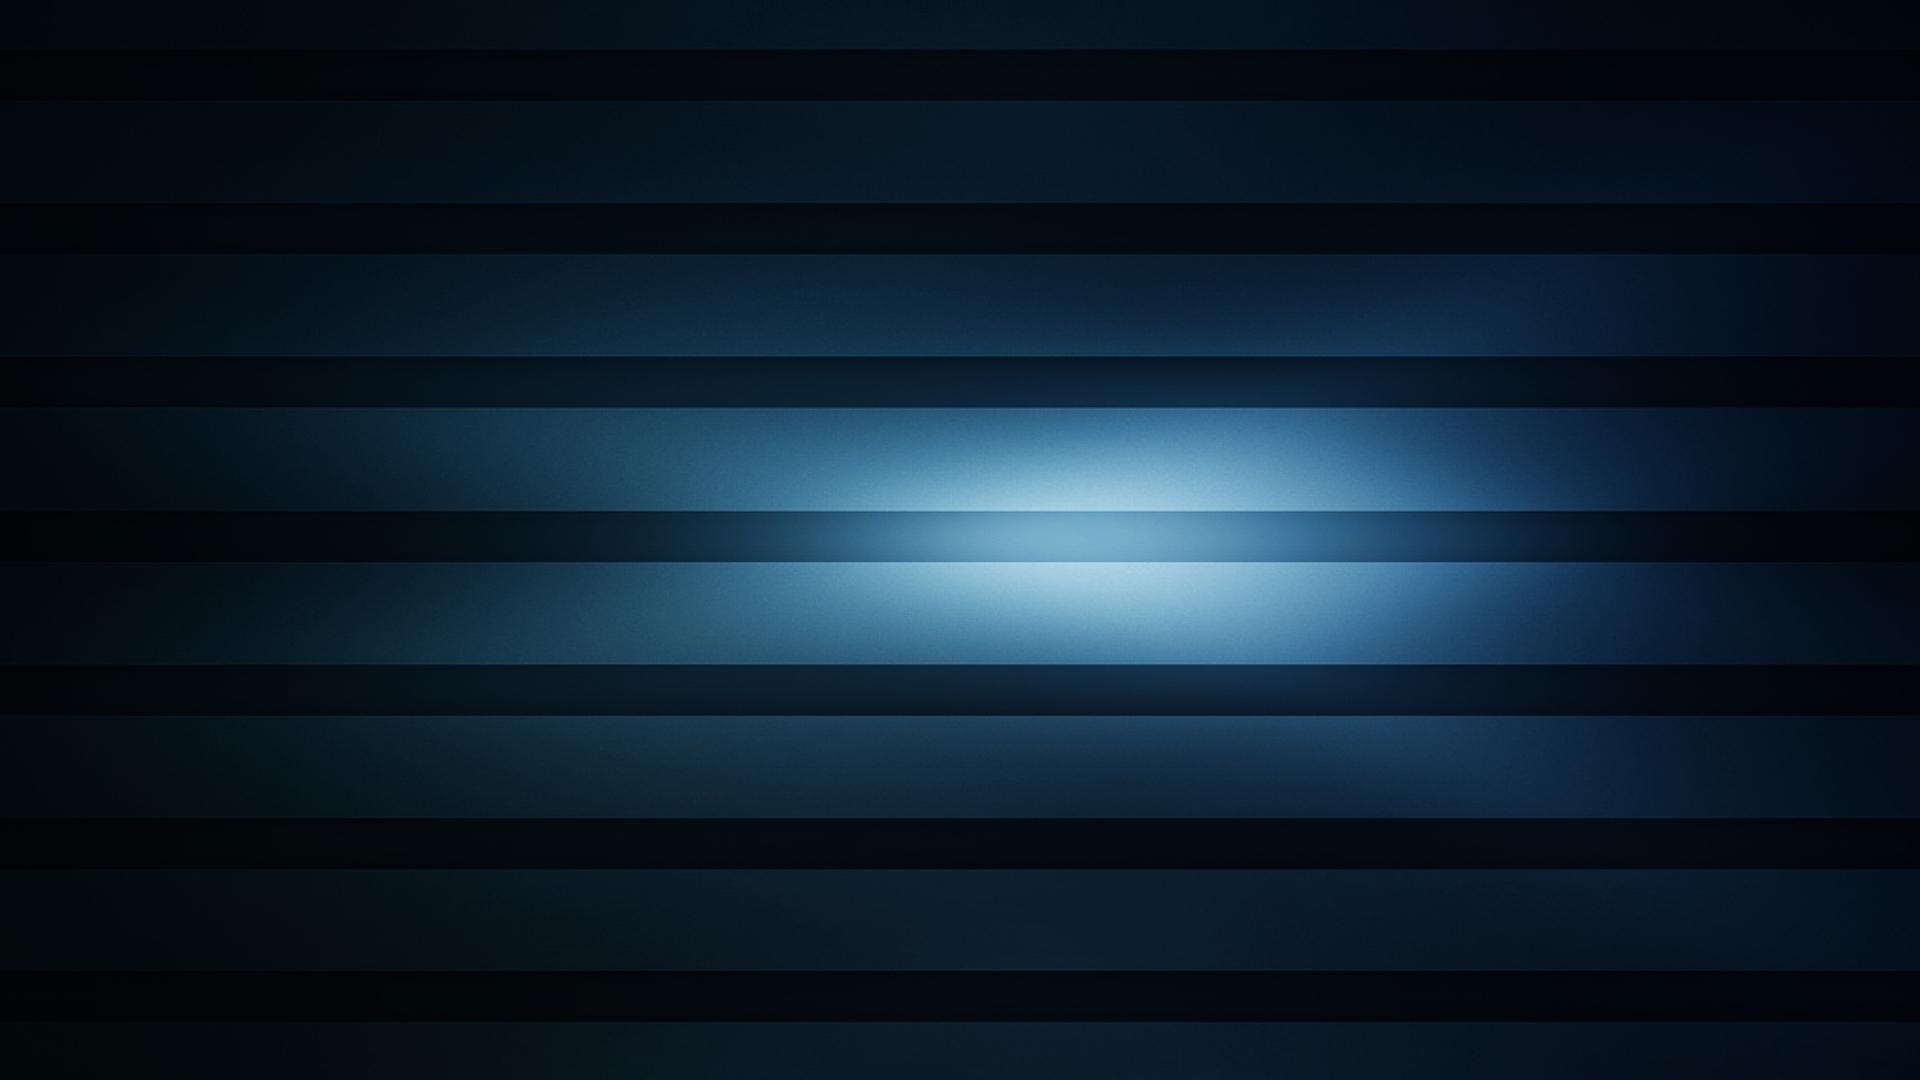 Listras fundo azuis horizontal Vetor   ForWallpapercom 1920x1080